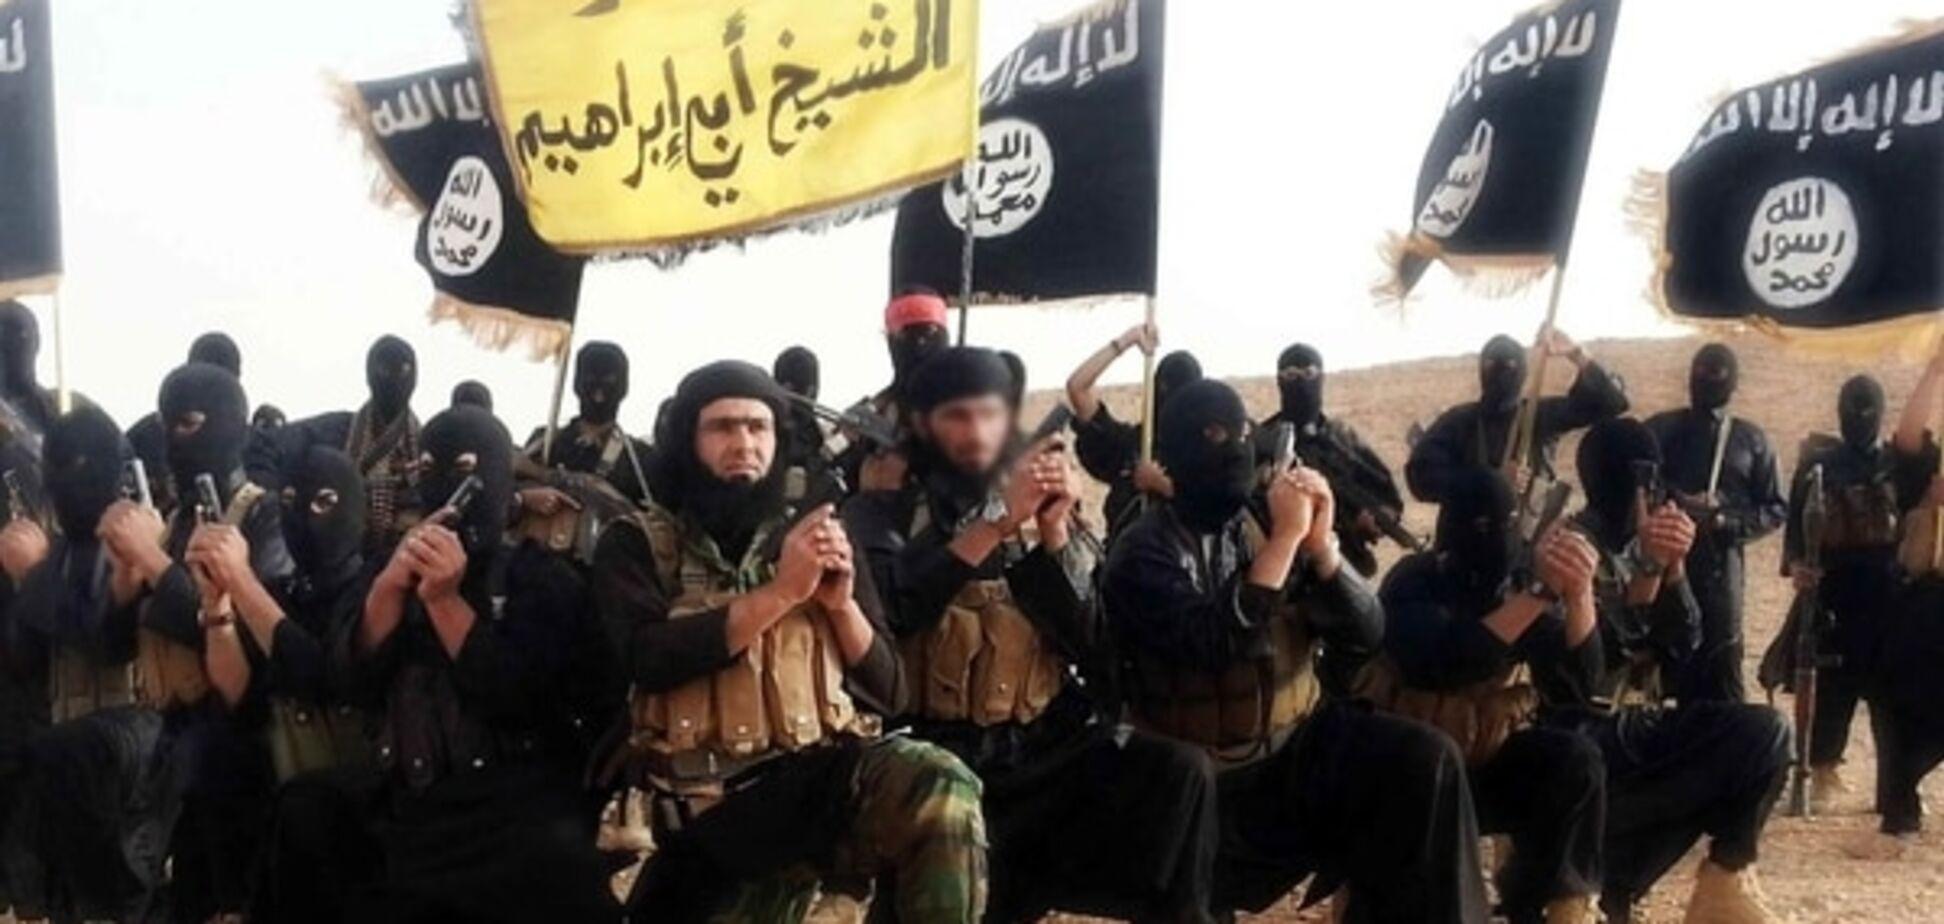 ІДІЛ узяв на себе відповідальність за аварію російського літака в Єгипті